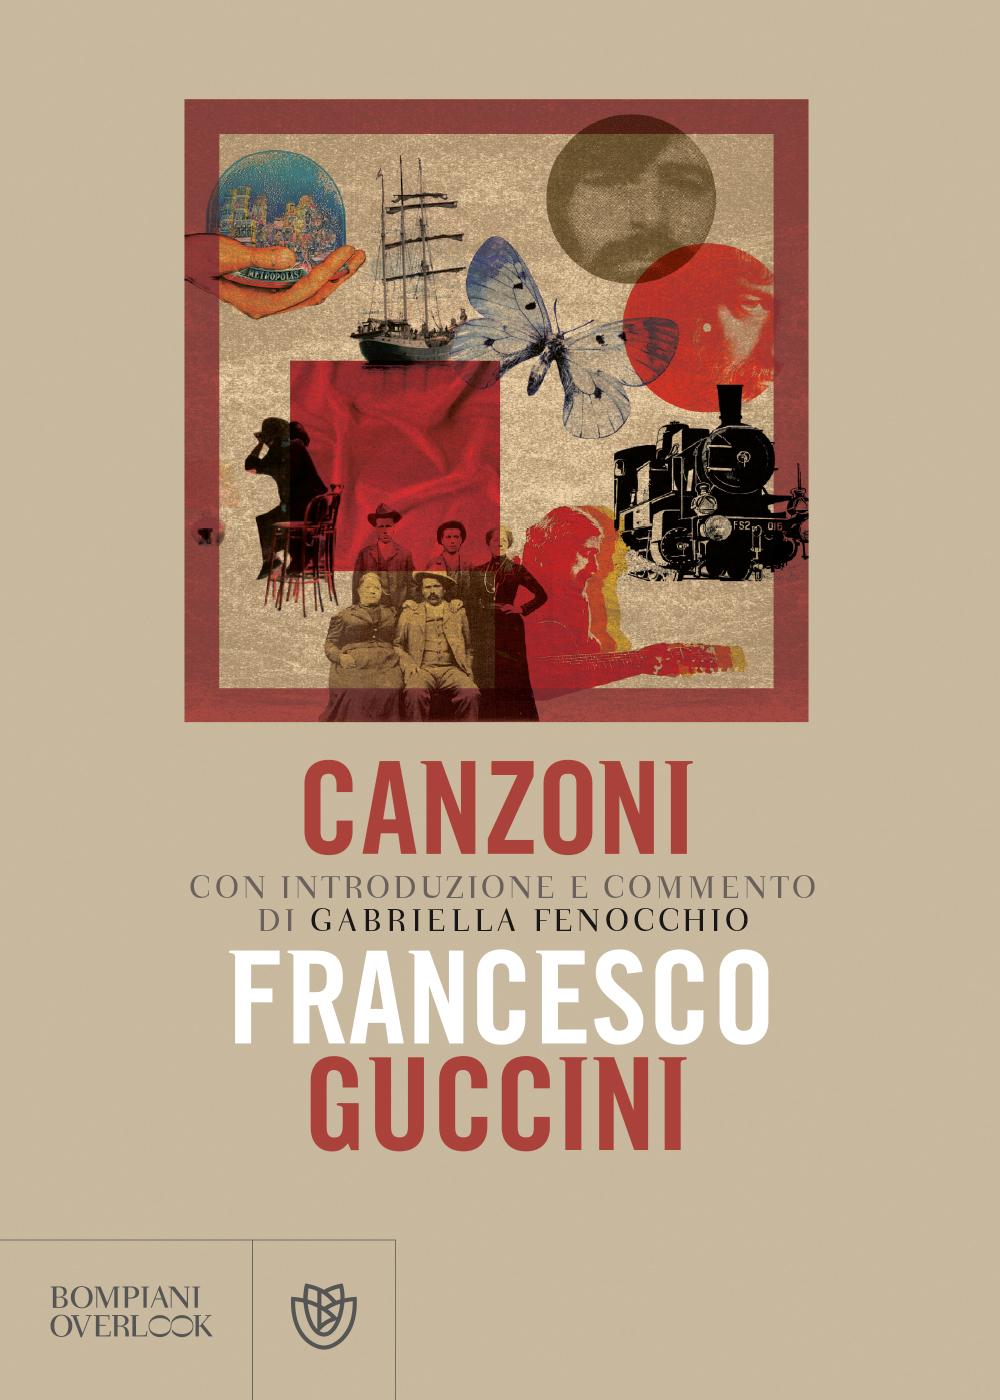 «Canzoni» (Bompiani Overlook) libro sui testi di Francesco Guccini di Gabriella Fenocchio